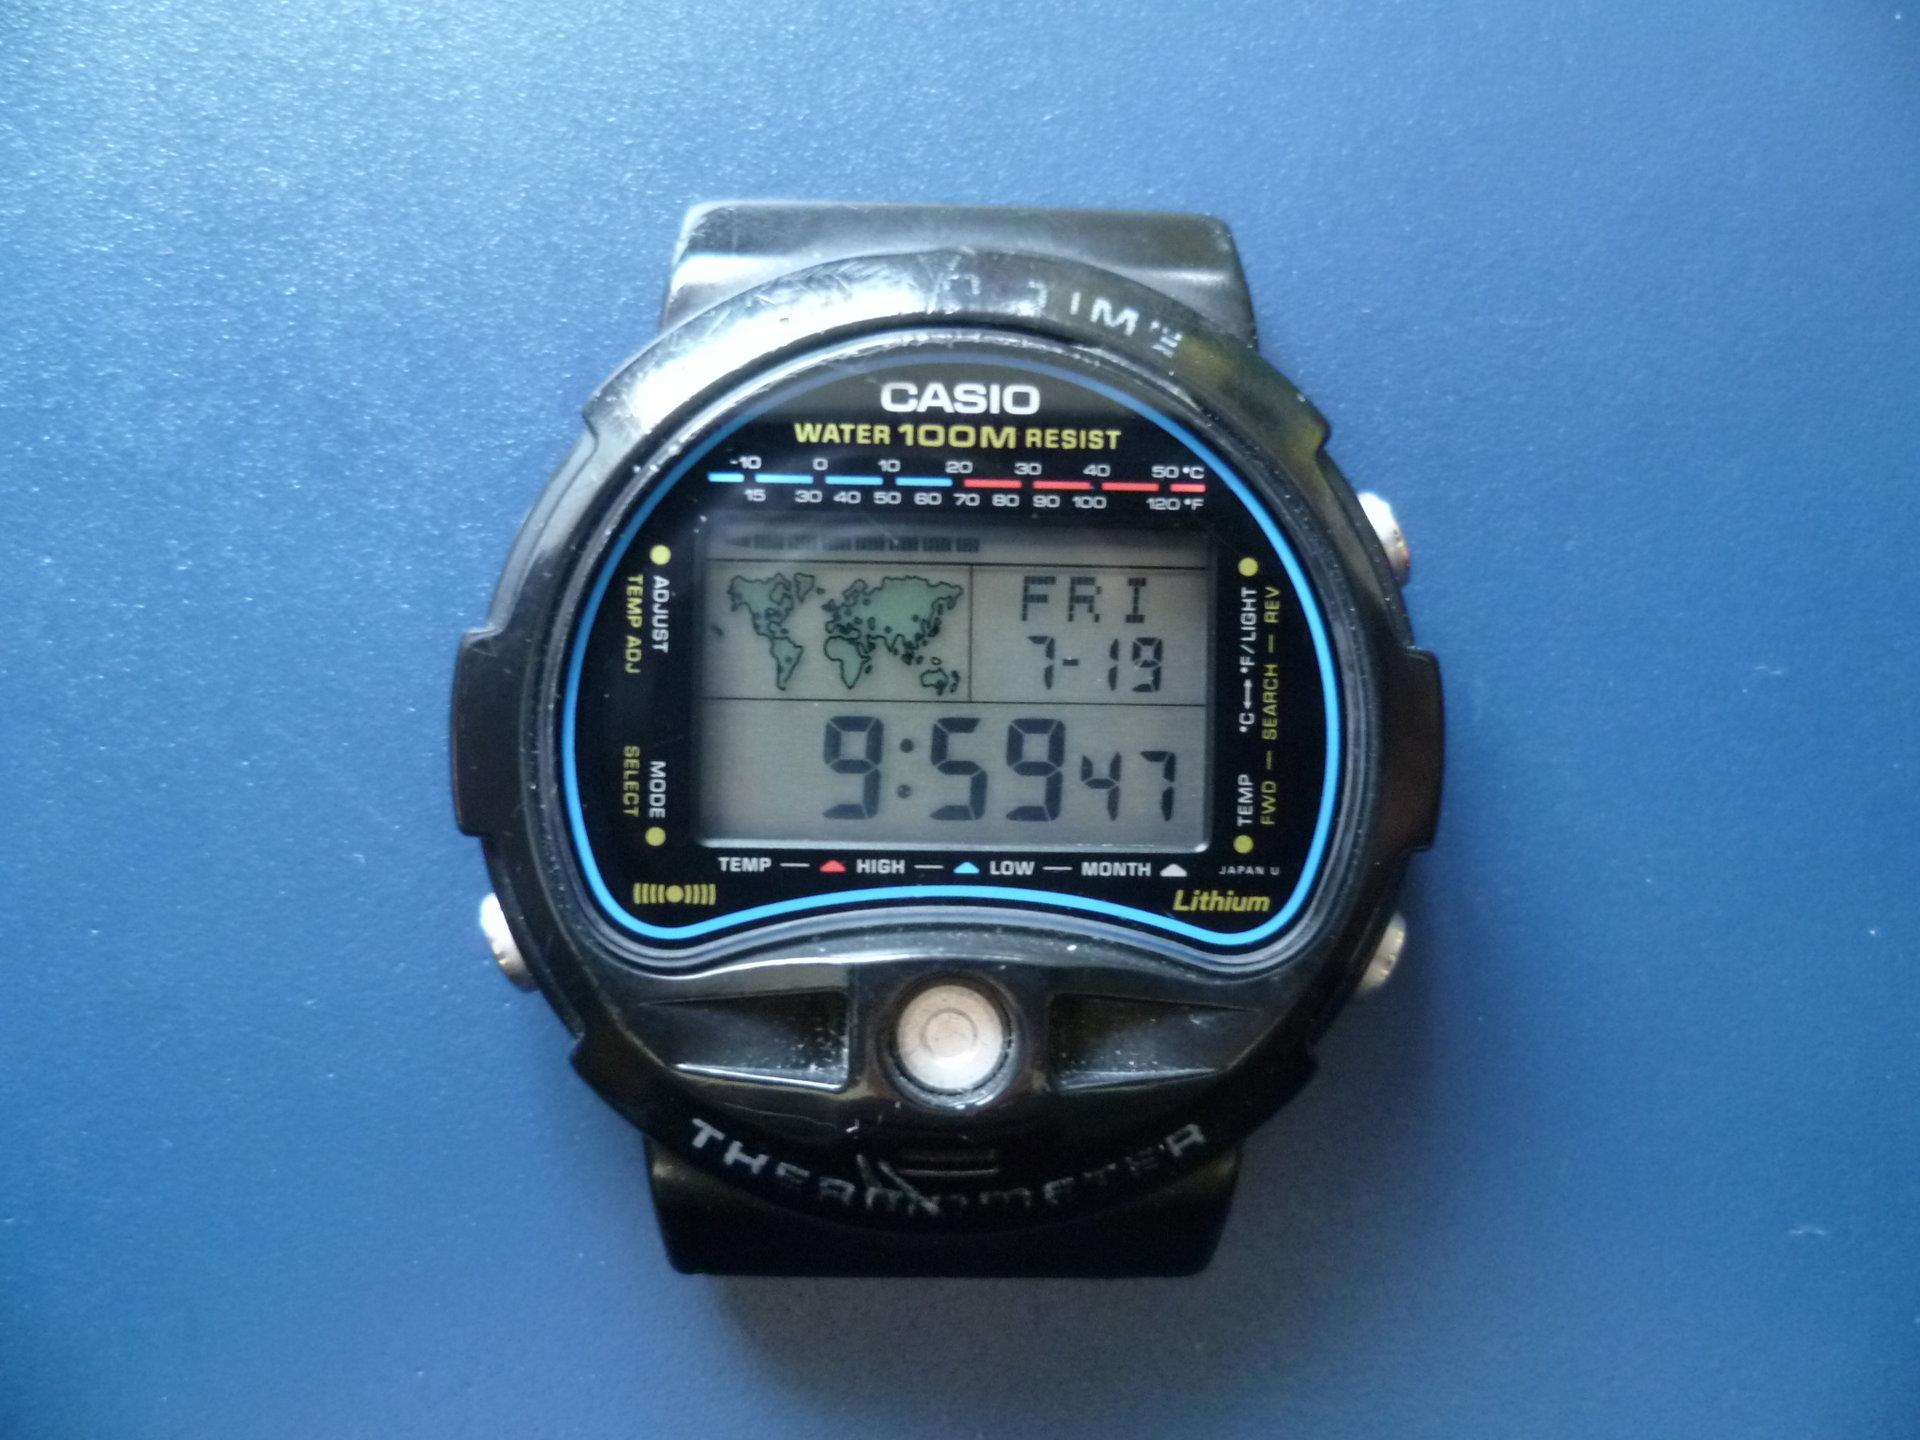 656566d1374223296-casio-digital-word-timer-thermometer-vintage-casio-ts-100-1v-p1000938 Elegantes Uhr Mit Temperaturanzeige Dekorationen